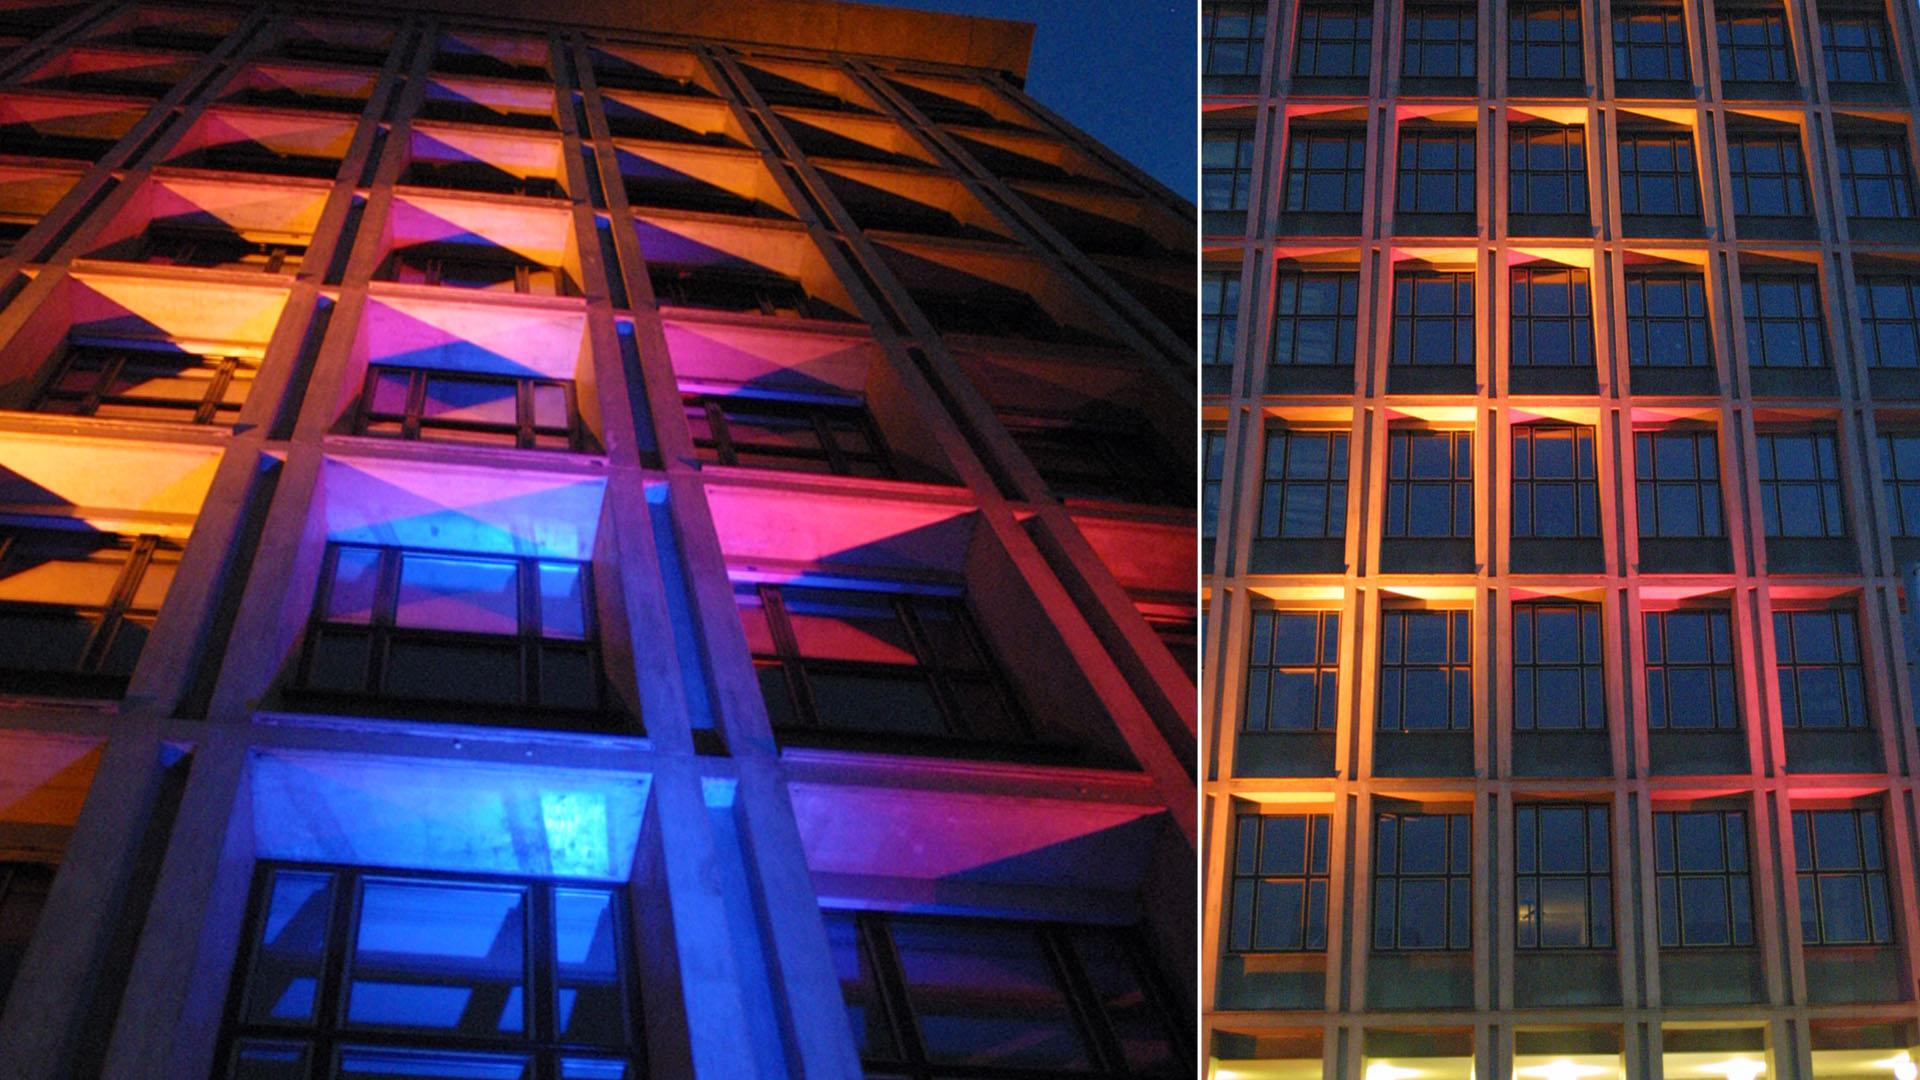 MAASS-Lichtplanung_Temporäre Fassadenbeleuchtung in Hannover__MAASS-MWK-Hannover-002